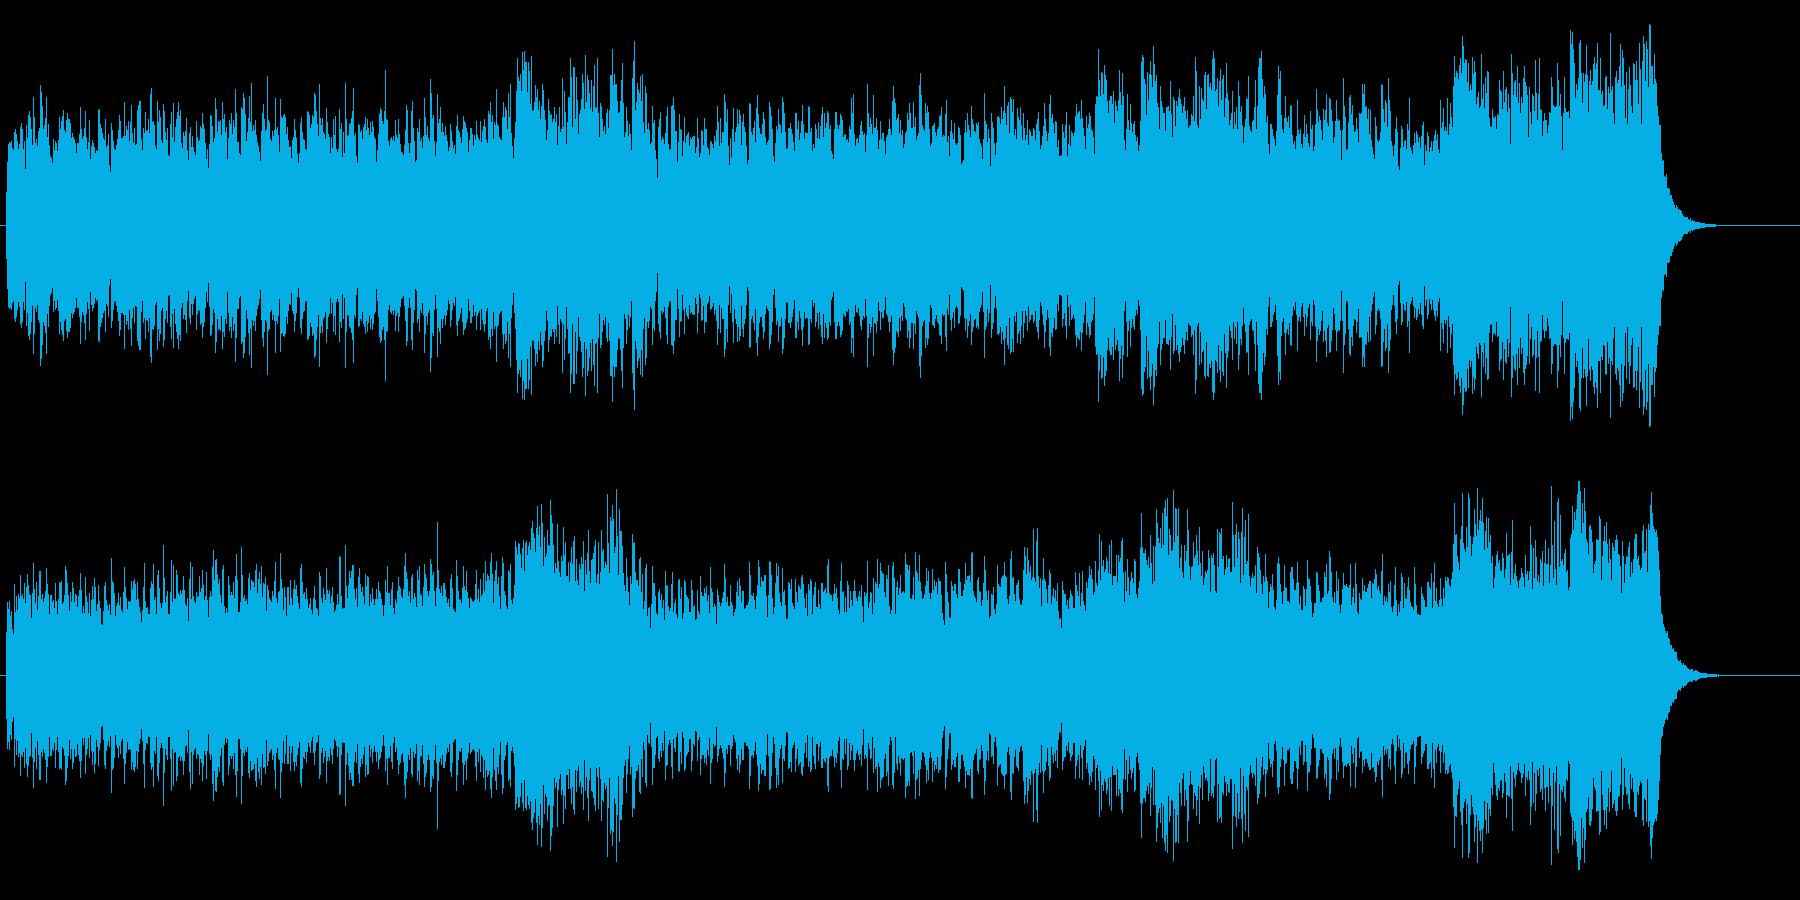 環境音楽(控えめでサイコ・チック)の再生済みの波形